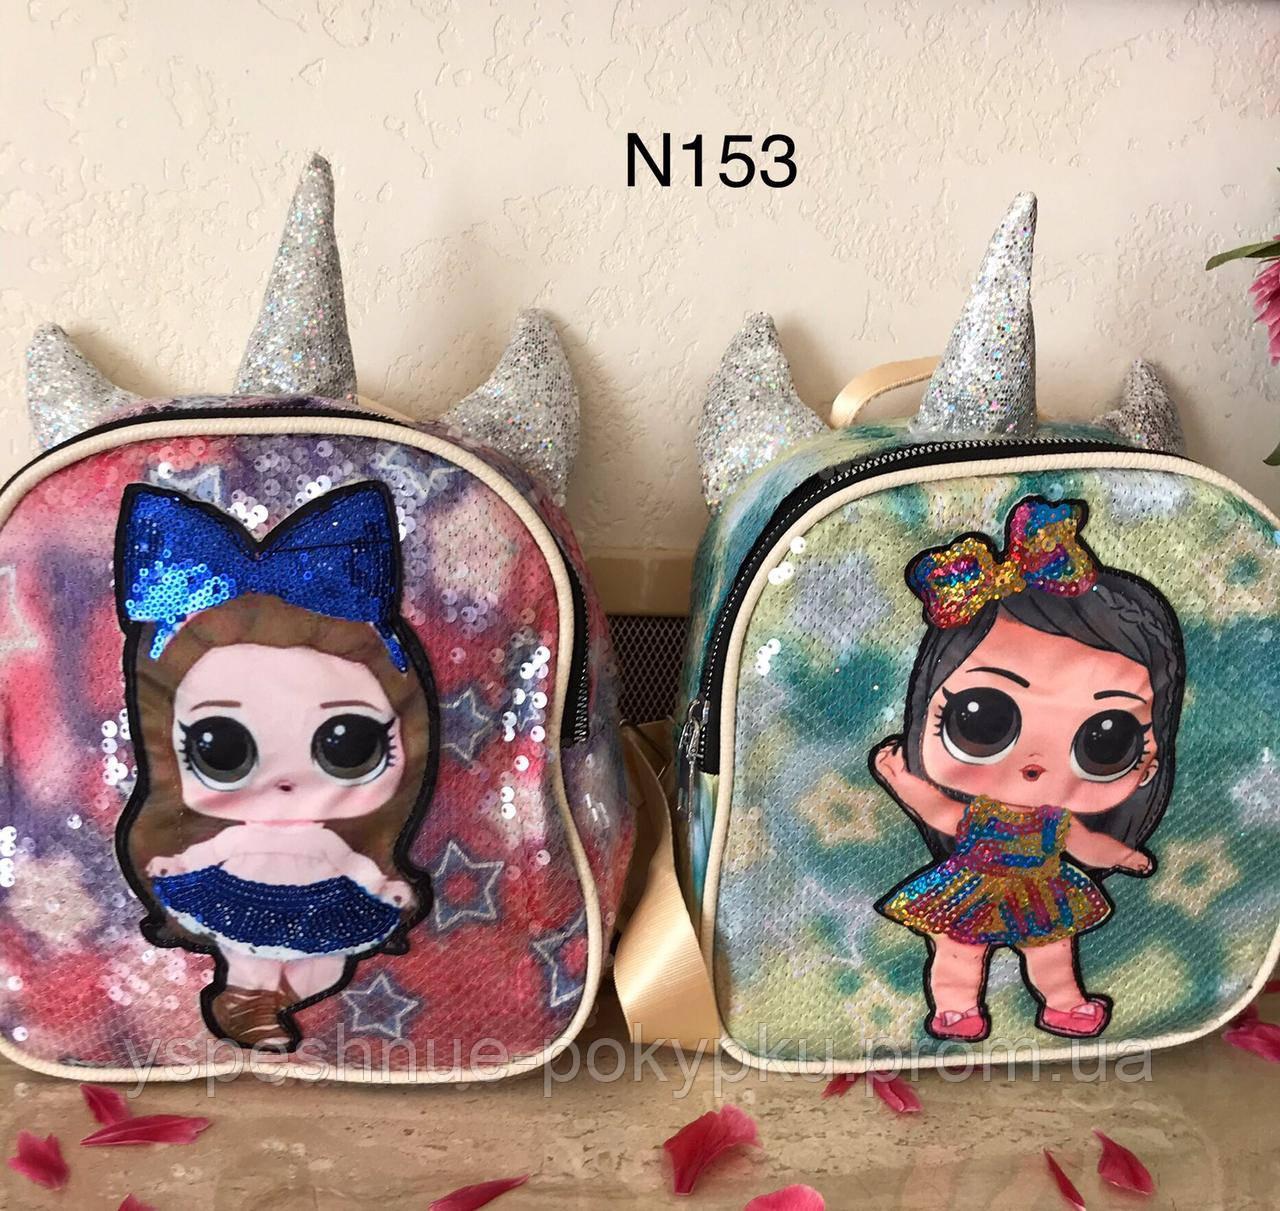 Рюкзак N153 детский (при касании-горят глазки)